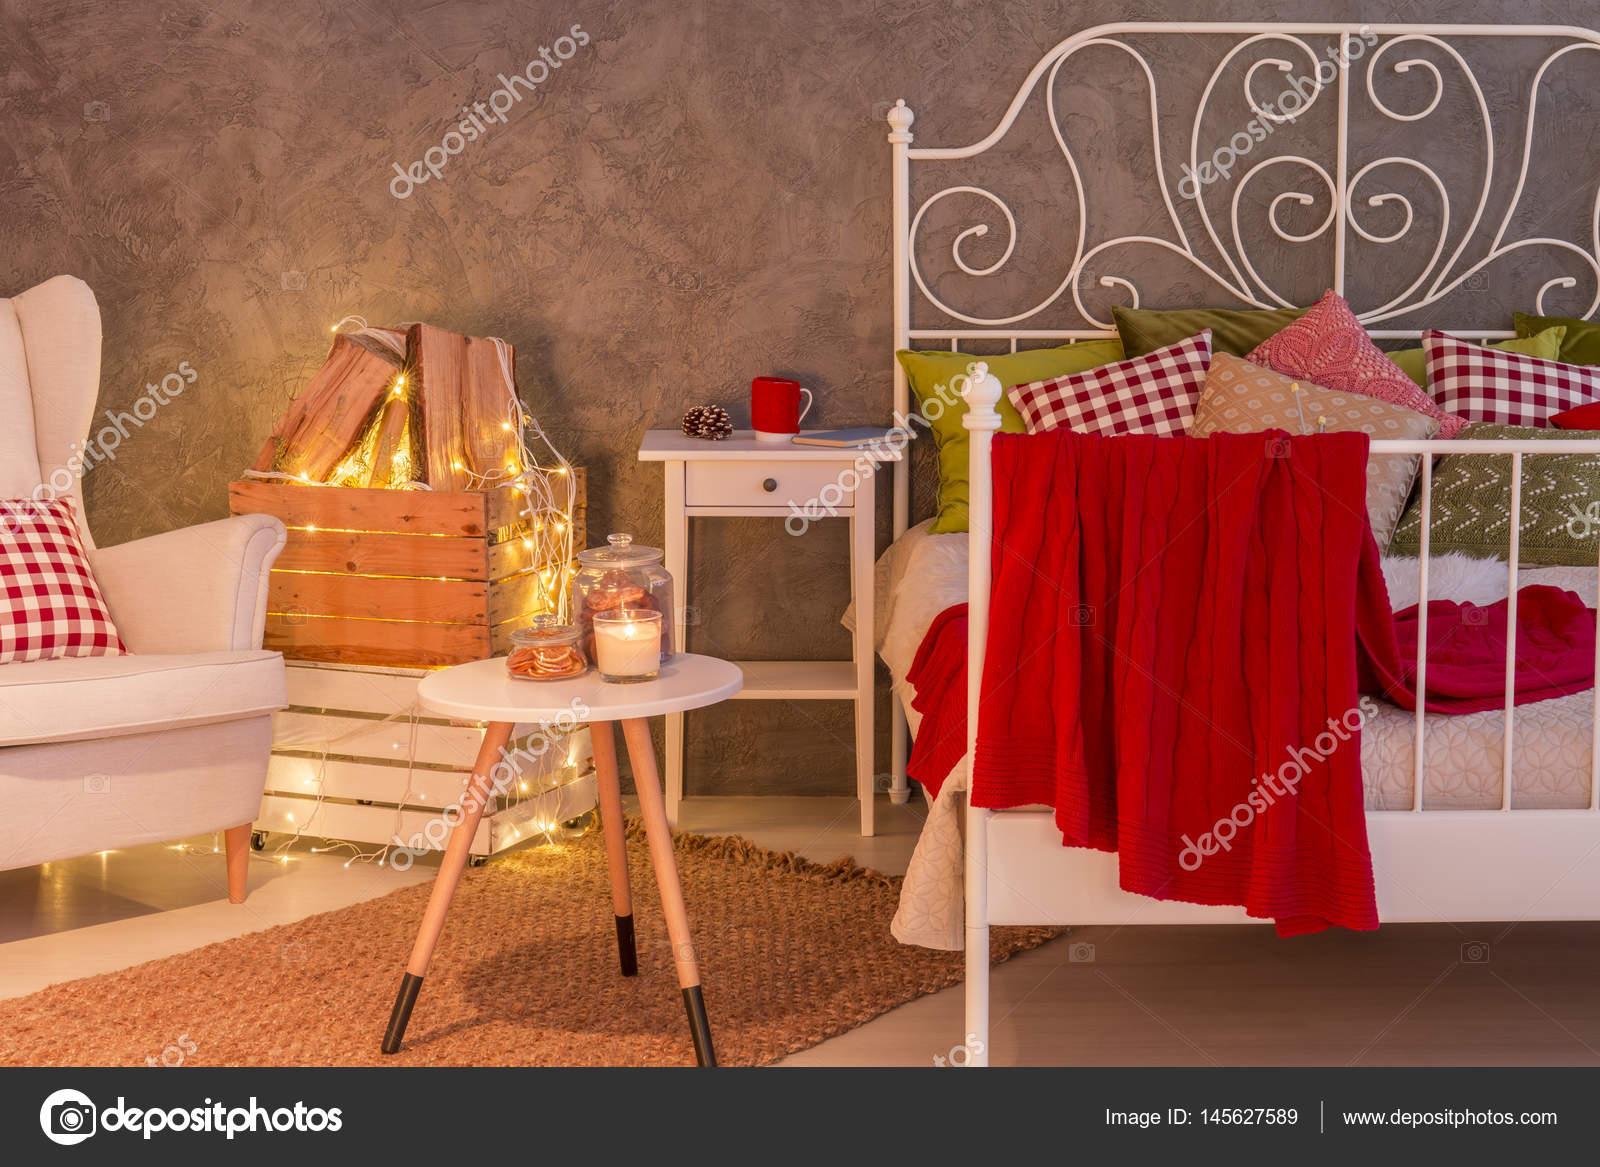 Camera Da Letto Romantica Con Candele : Elegante camera da letto con le candele u2014 foto stock © photographee